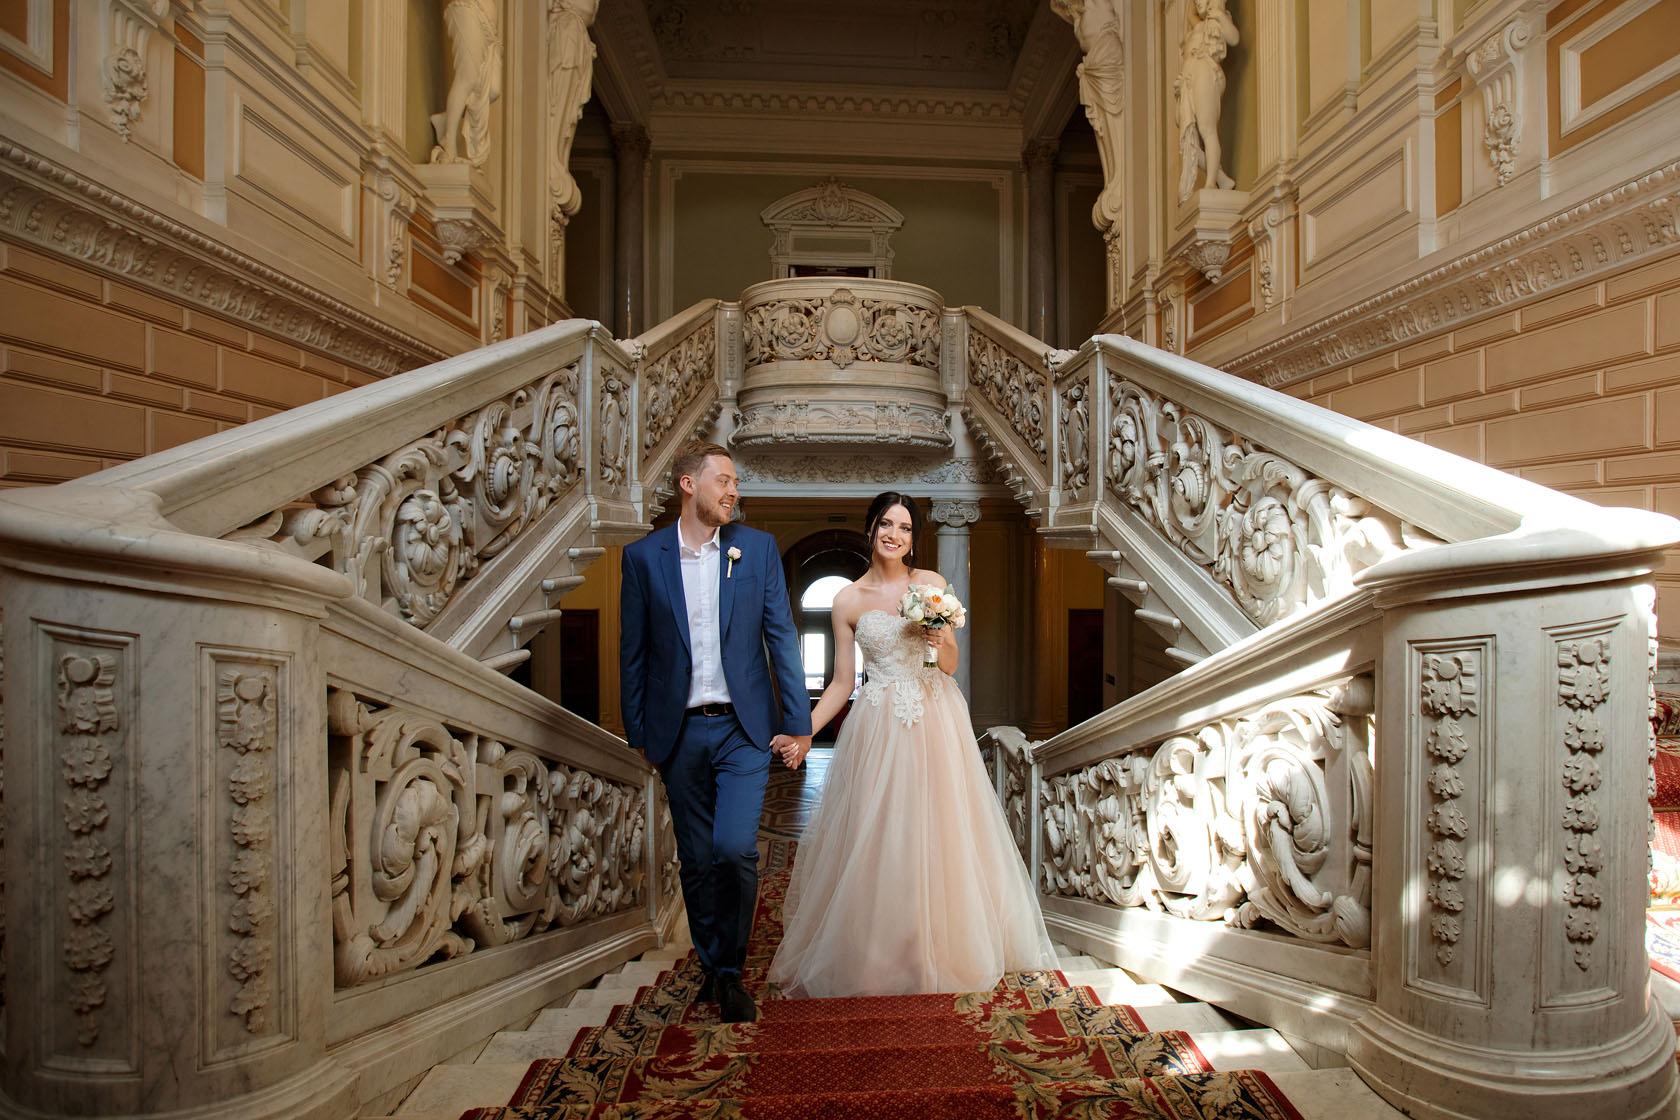 мне хотелось дворцы бракосочетания москвы фото кстати, первый, кто